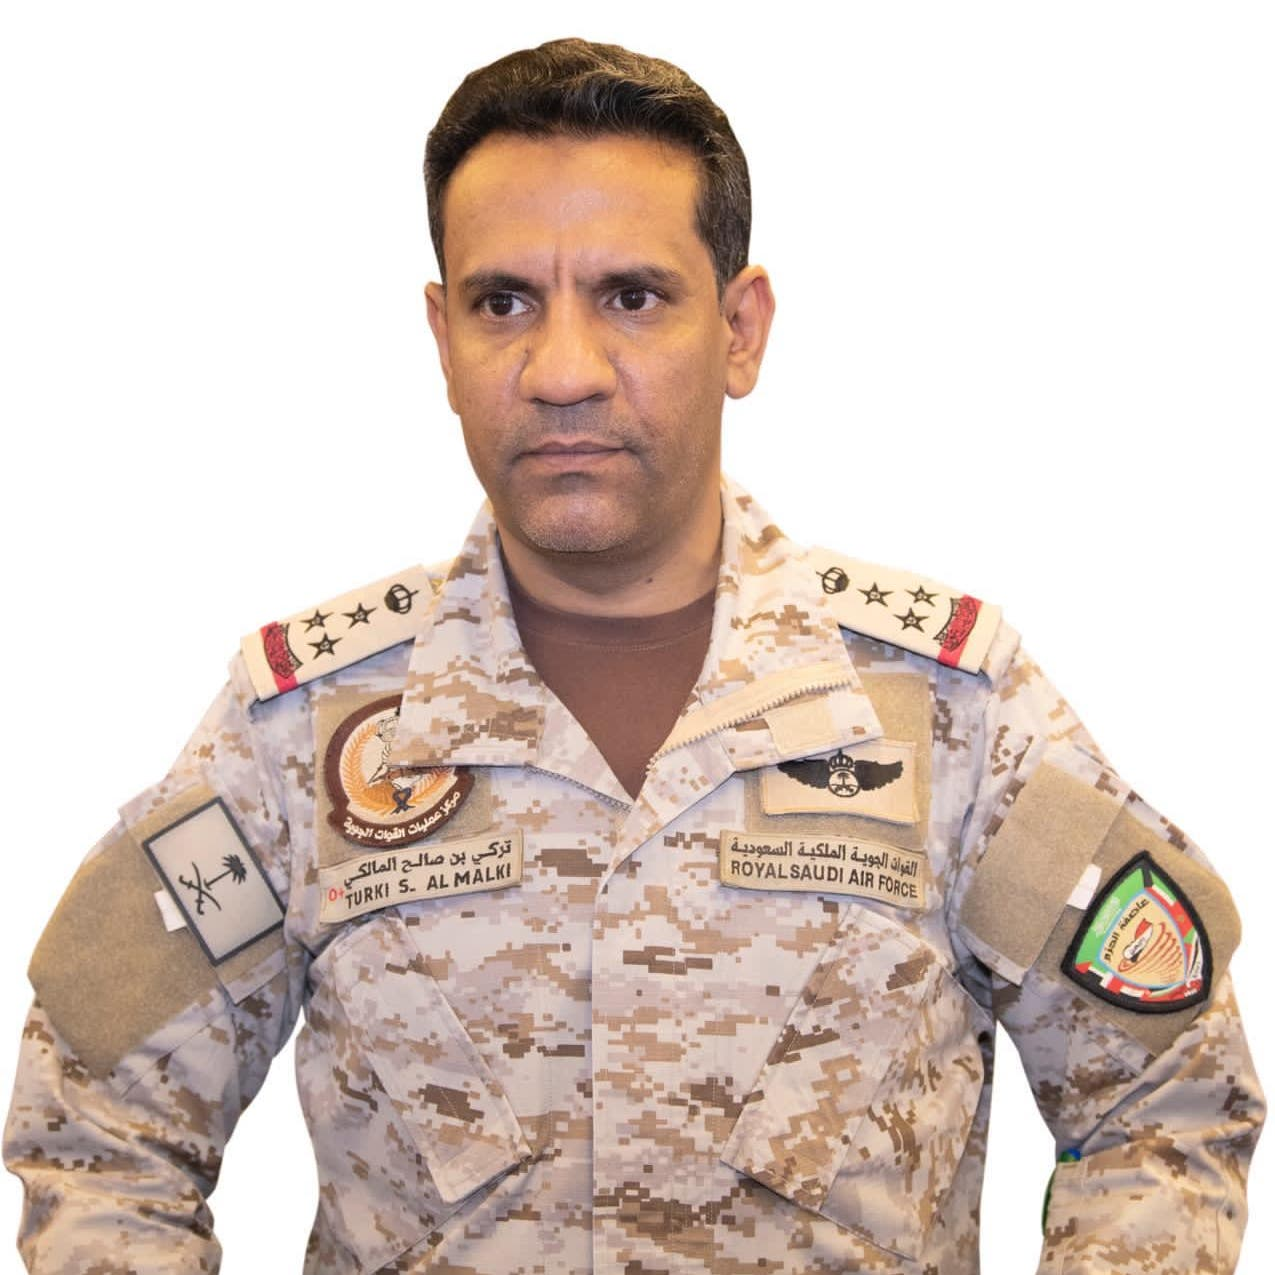 التحالف: التزام تام من الشرعية والانتقالي بتنفيذ الشق العسكري